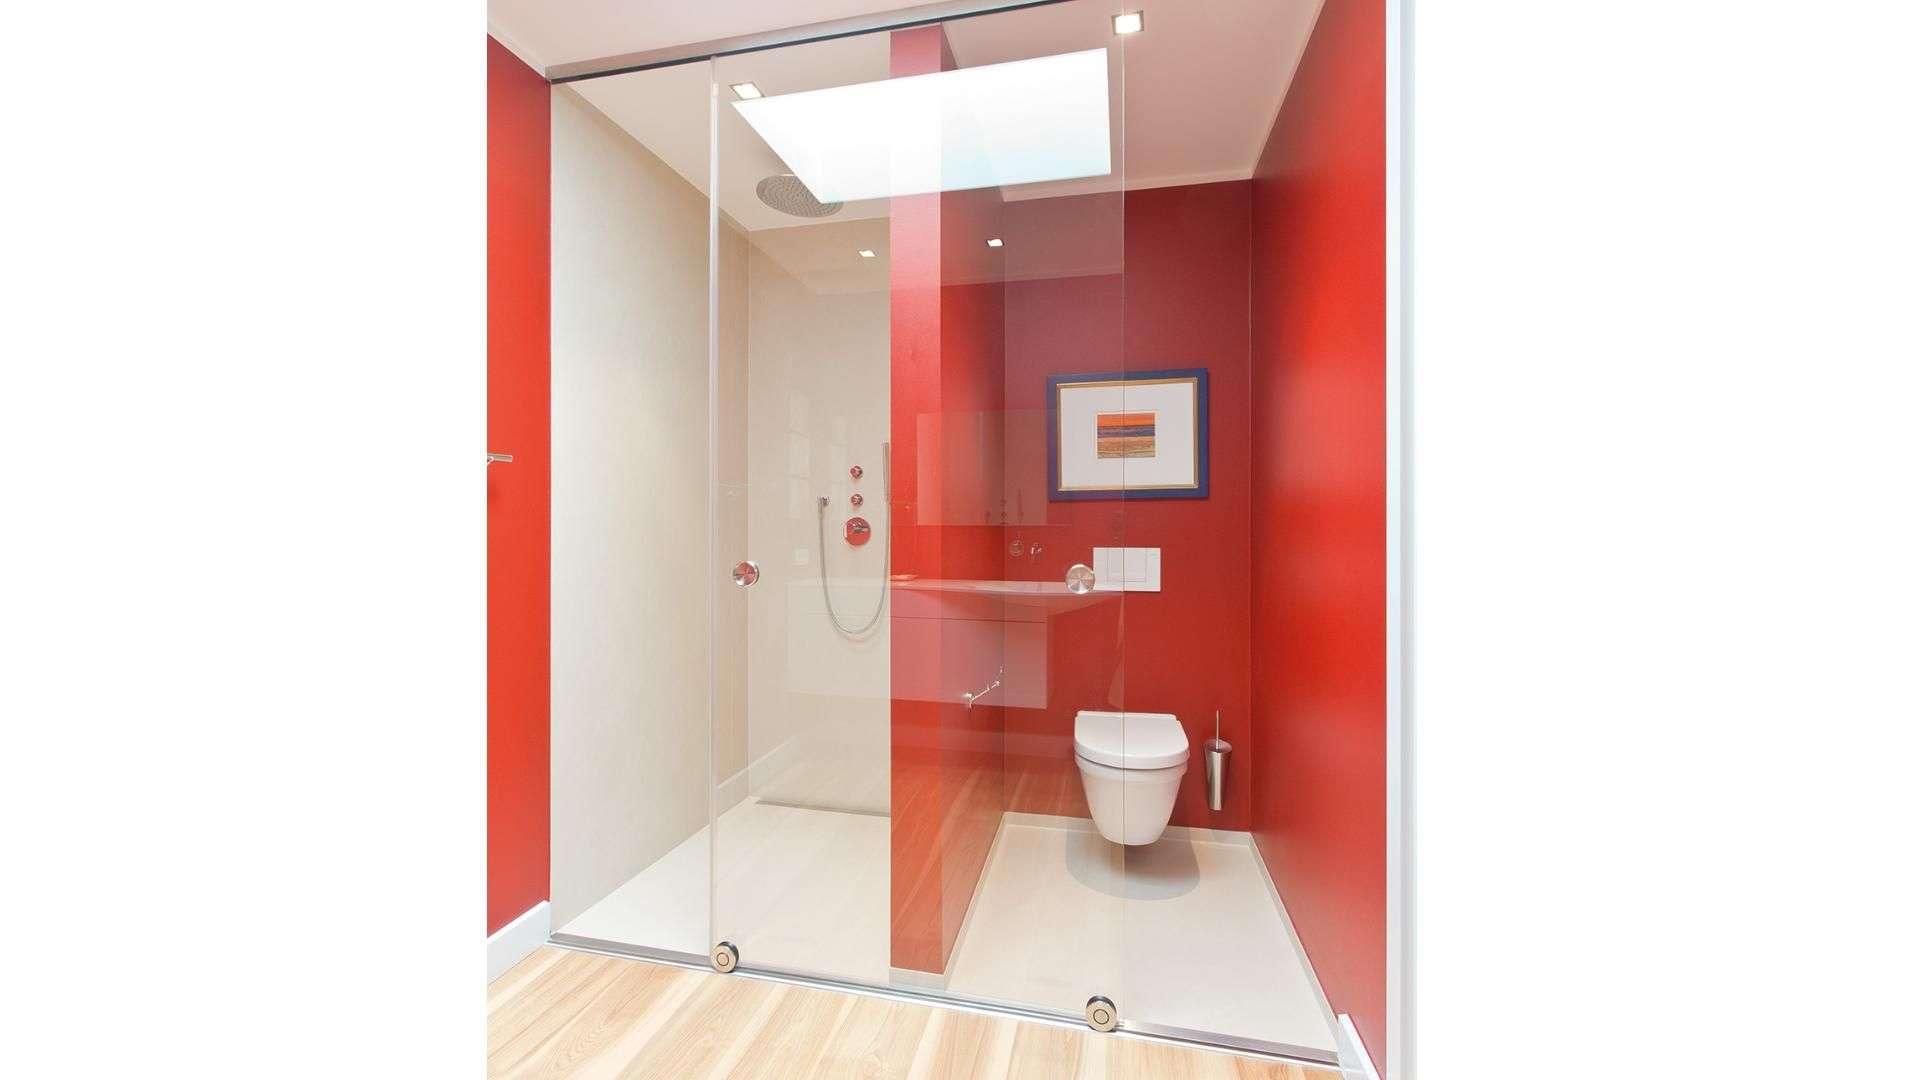 Schiebetür aus Glas vor Dusche und Toilette